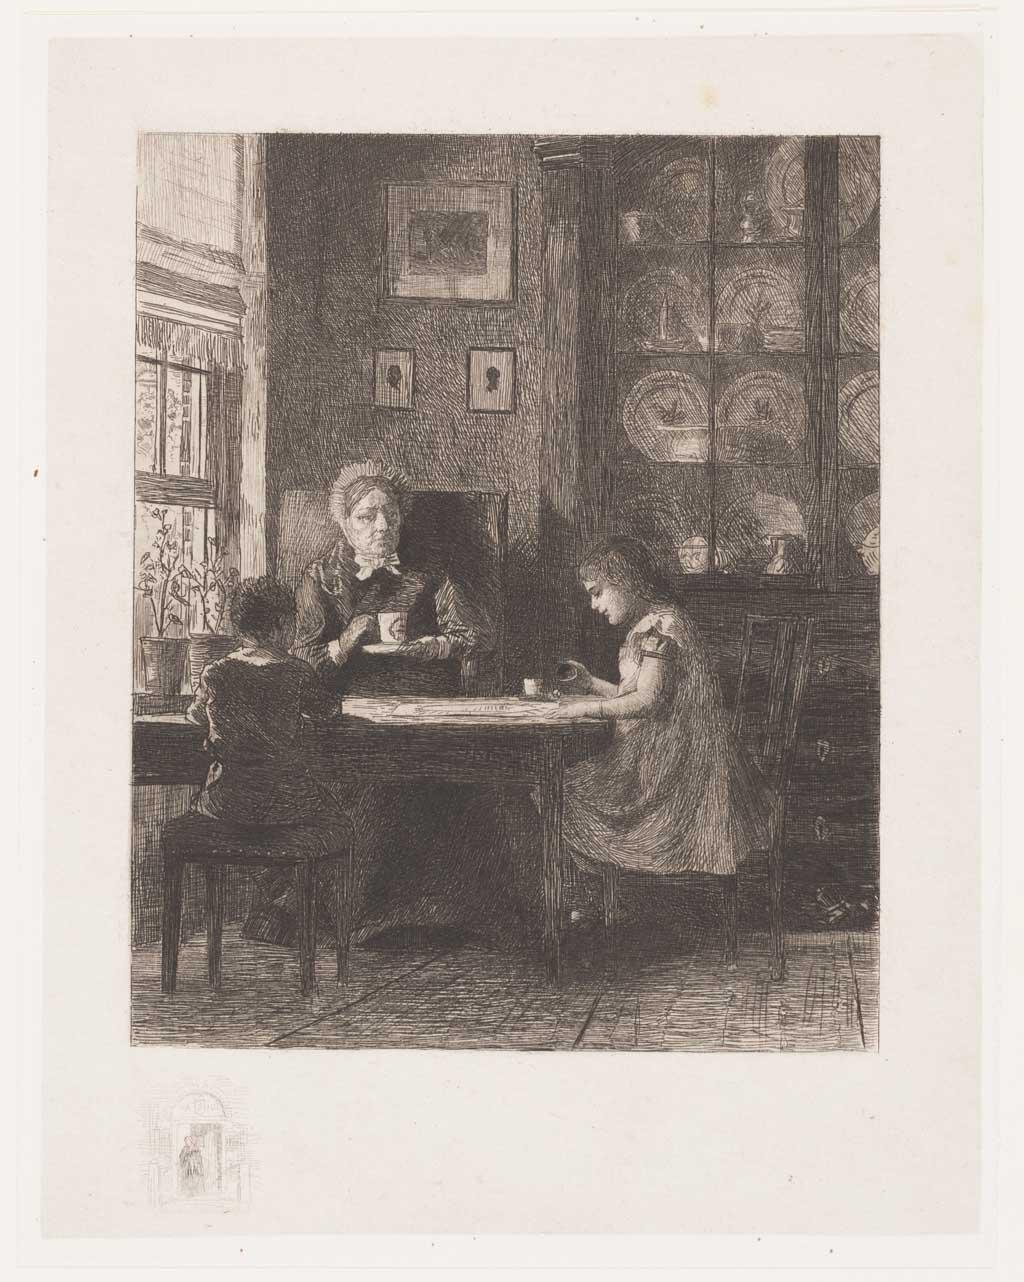 Interieur met vrouw en twee kinderen aan een tafel